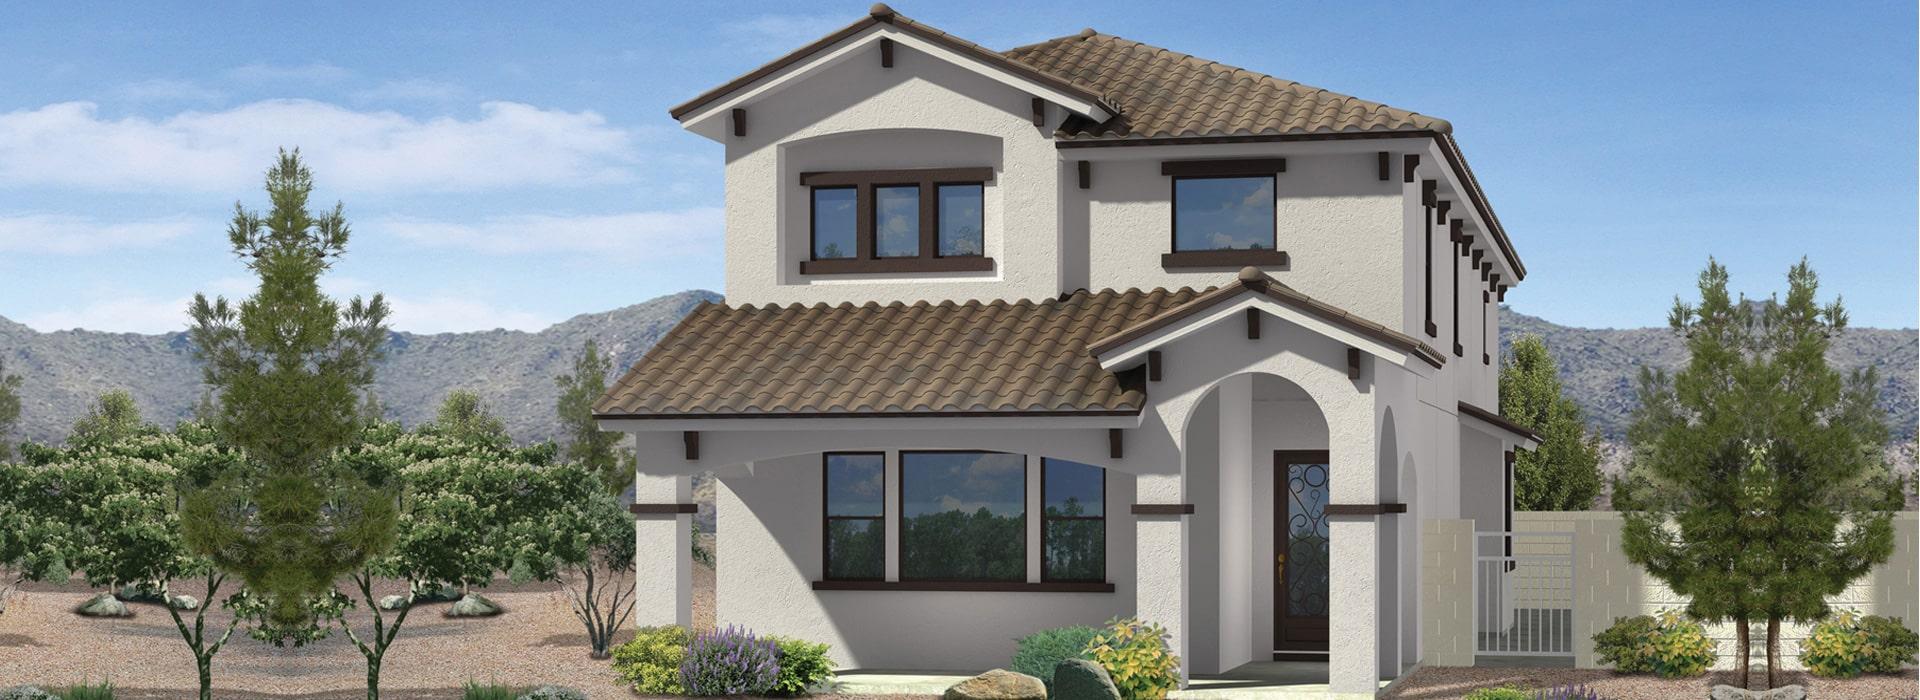 CareFree Homes Utah